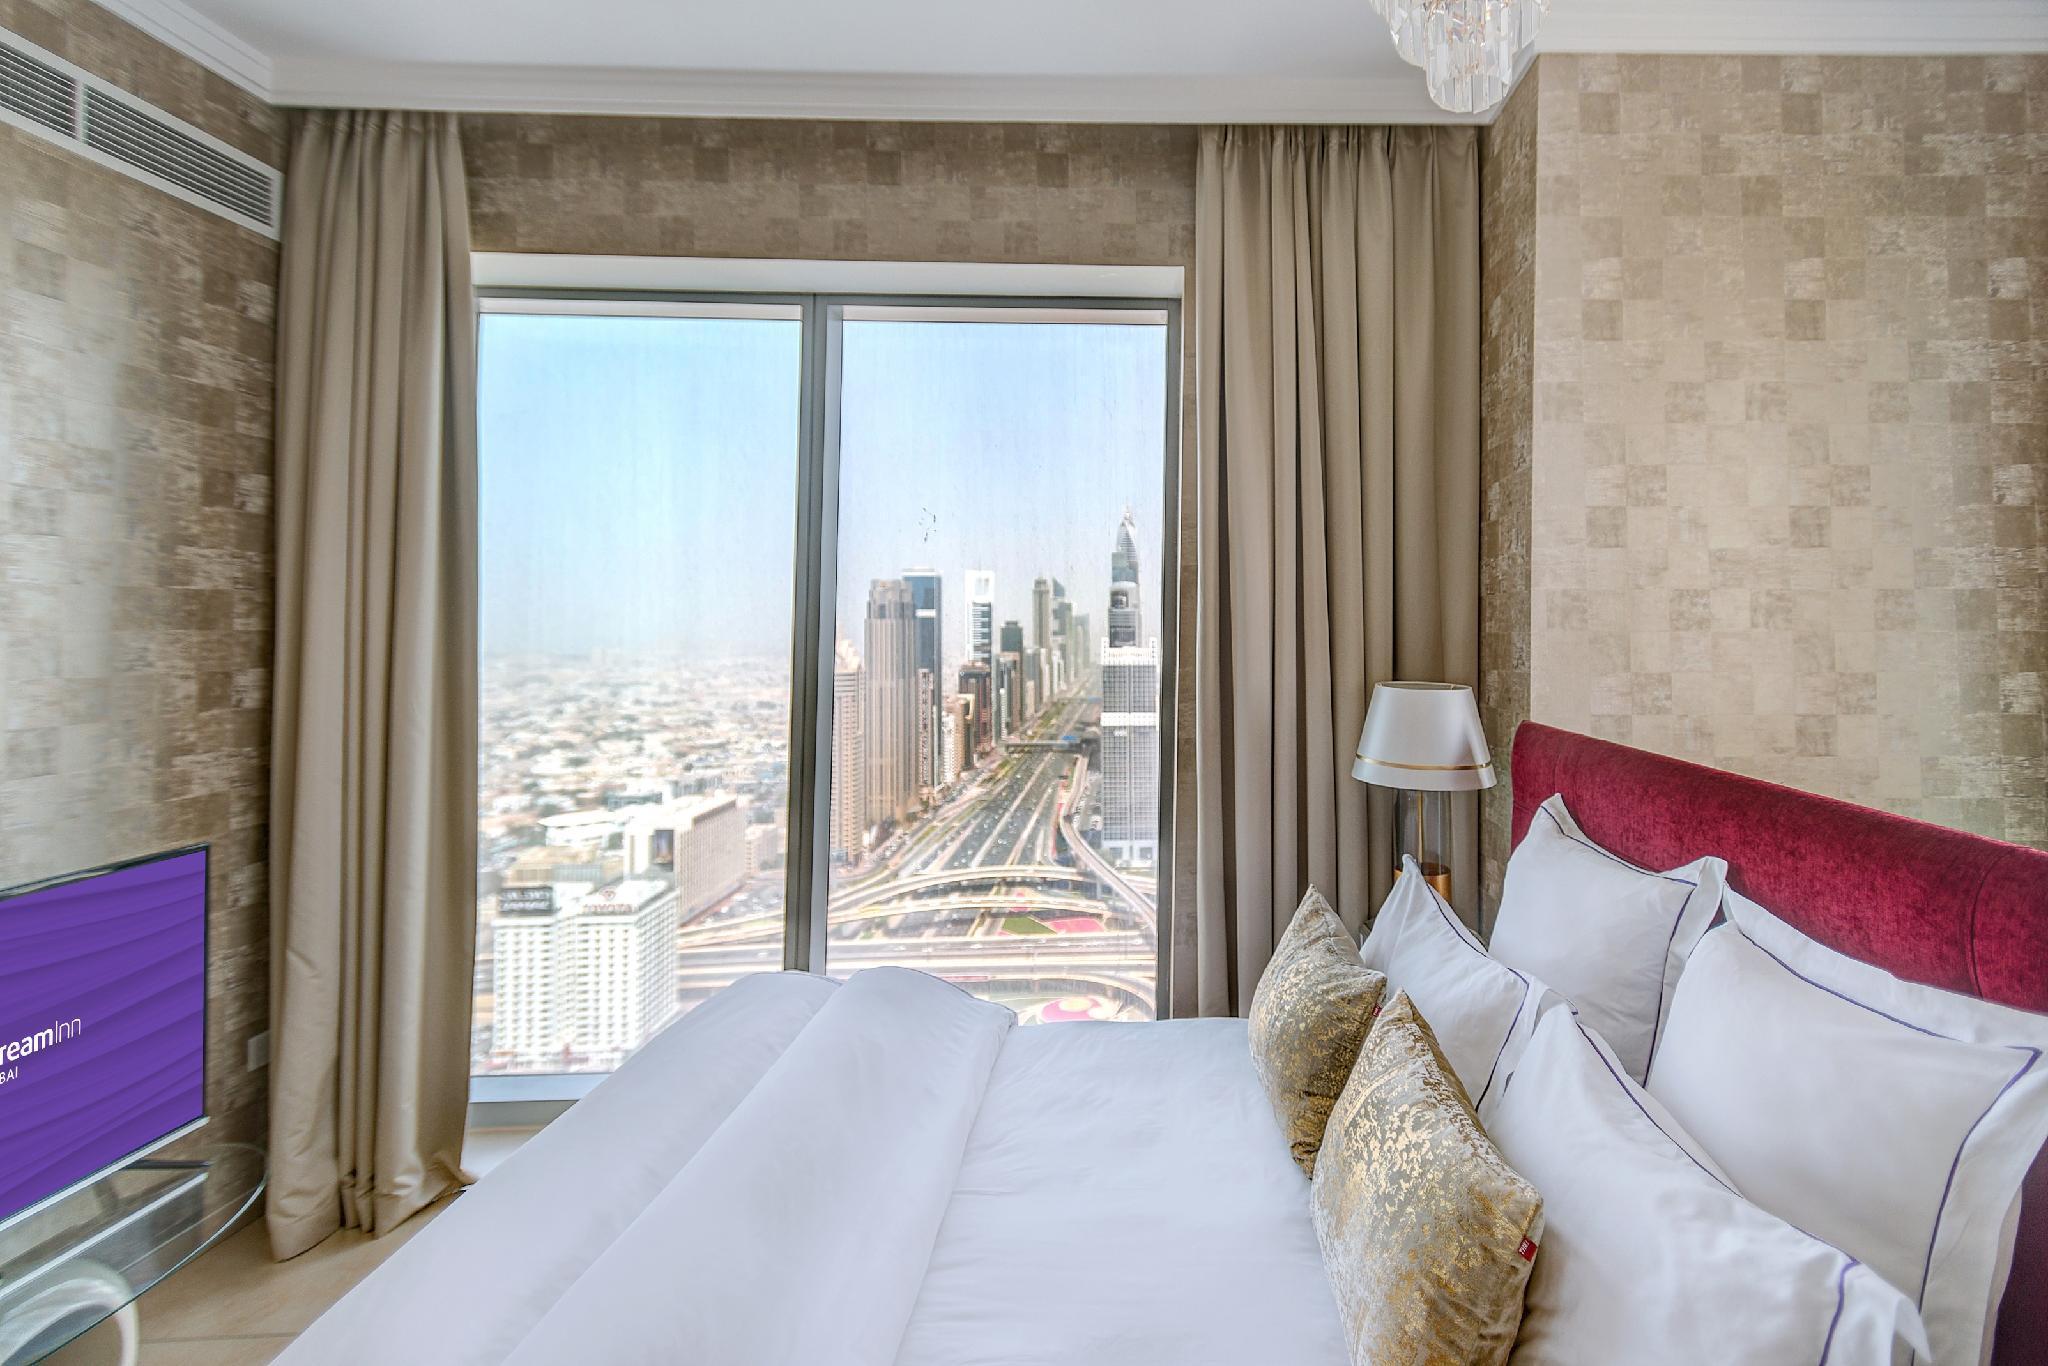 Dream Inn – 48 Burj Gate 5BR Duplex Apartment – Dubai 2